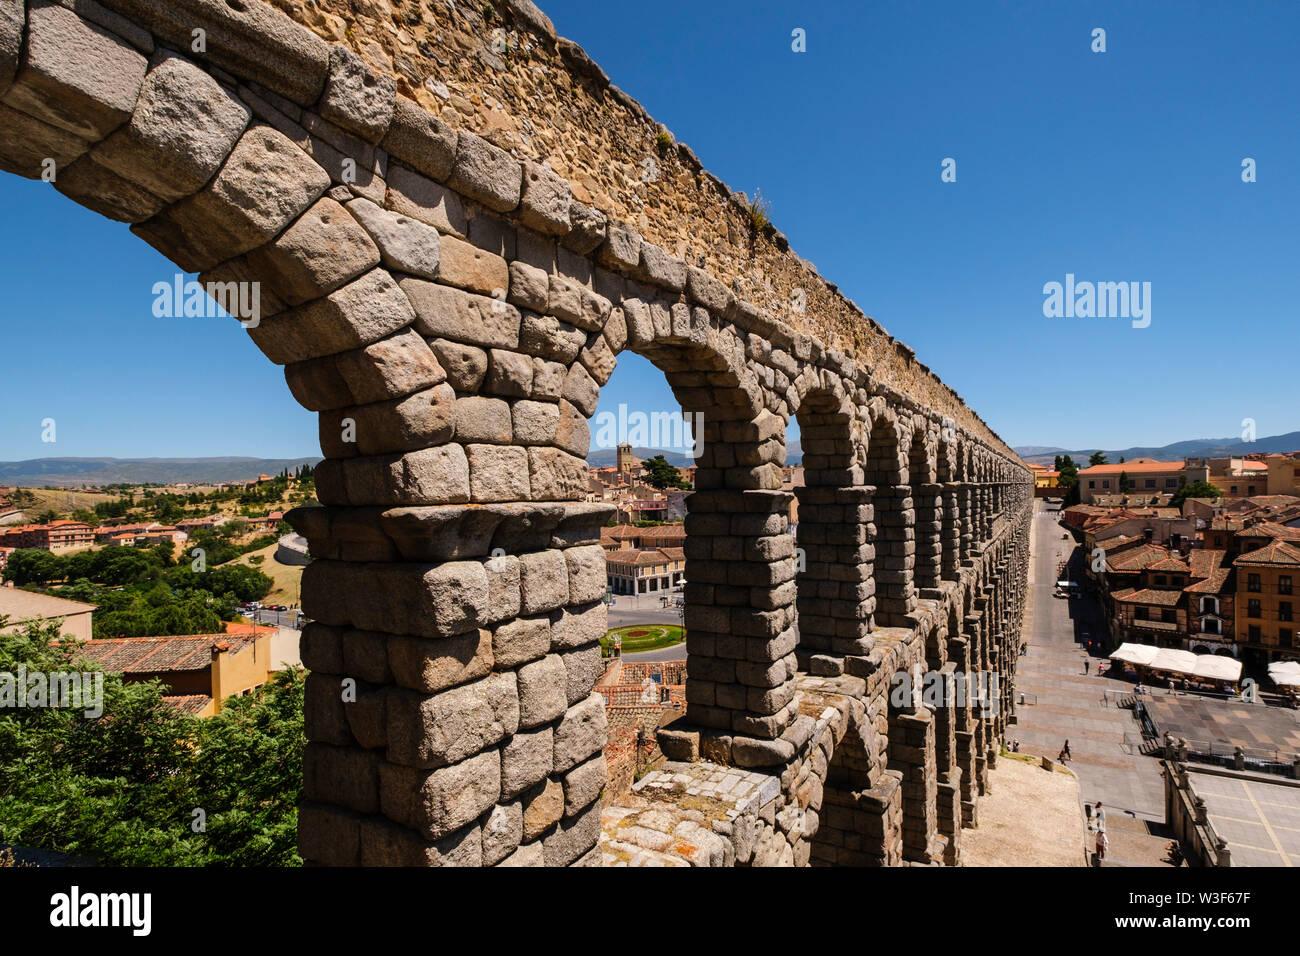 Antico Acquedotto romano, Sito Patrimonio Mondiale dell'UNESCO. Città di Segovia. Castilla León, Spagna Europa Foto Stock